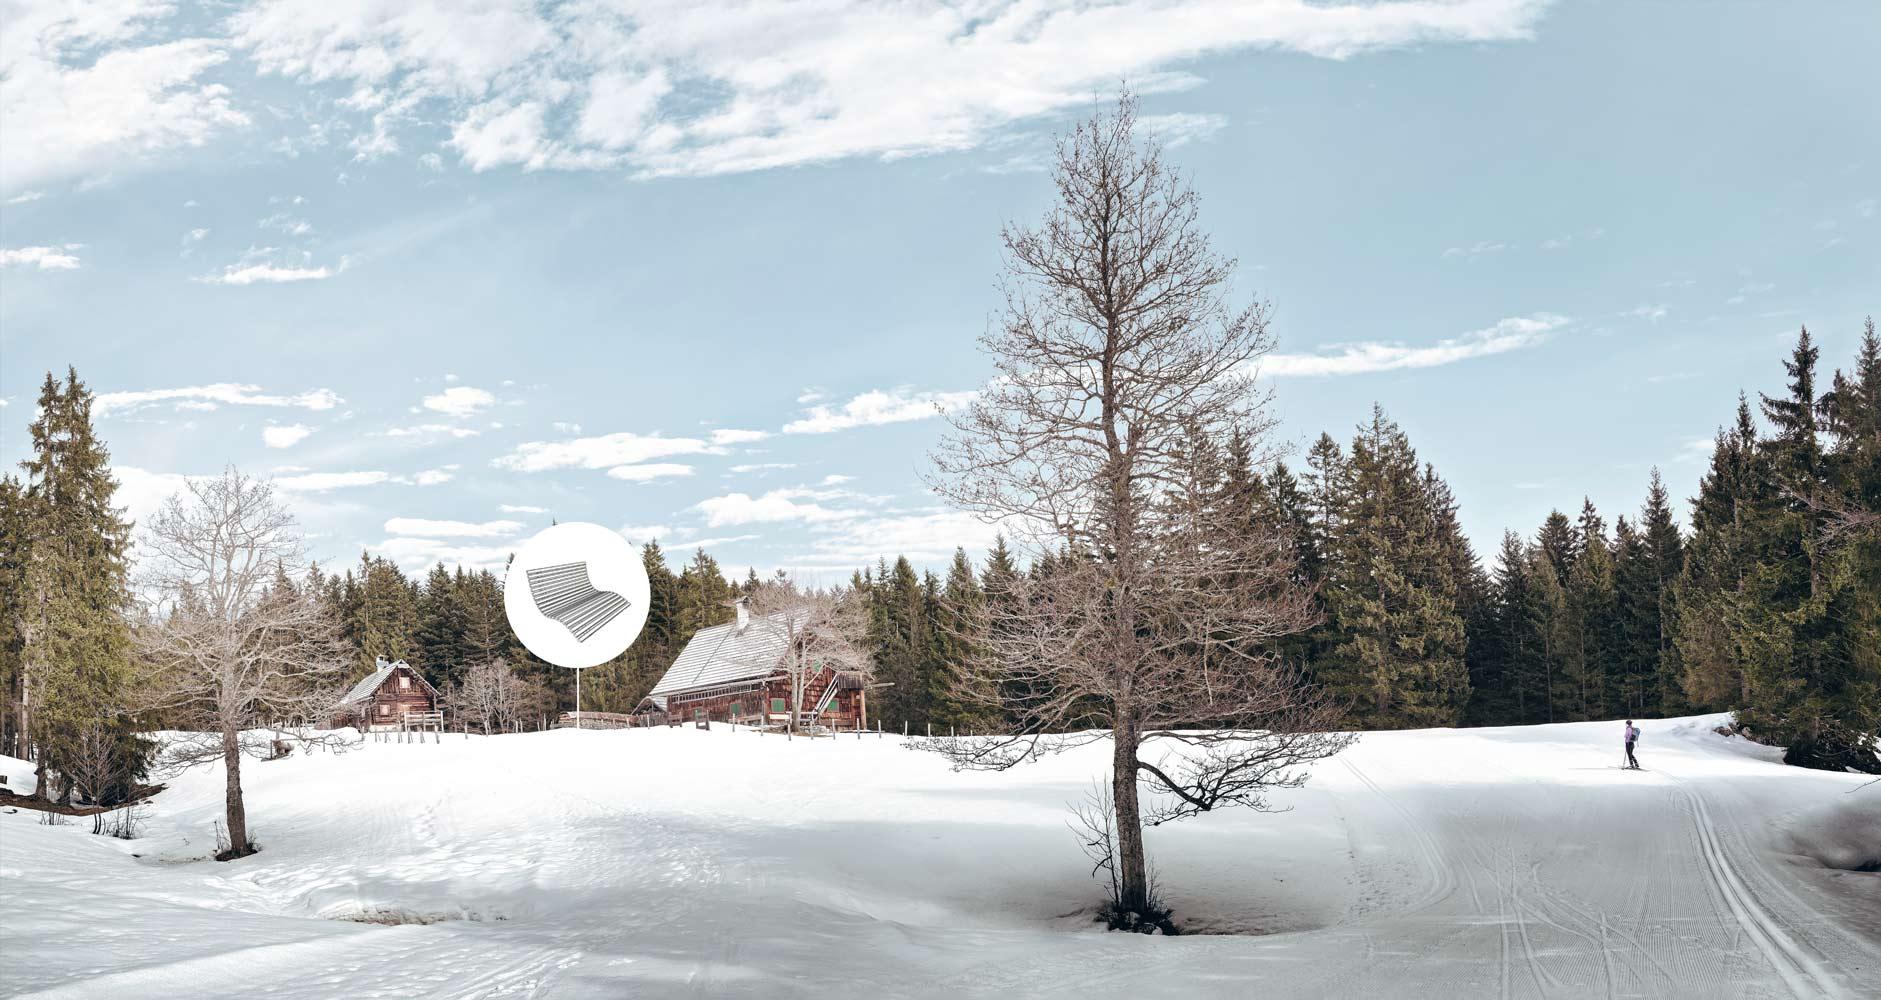 schneeliege-wellenliege-erdschrauben-schnee-liege-ohne-fundament-hangsofa